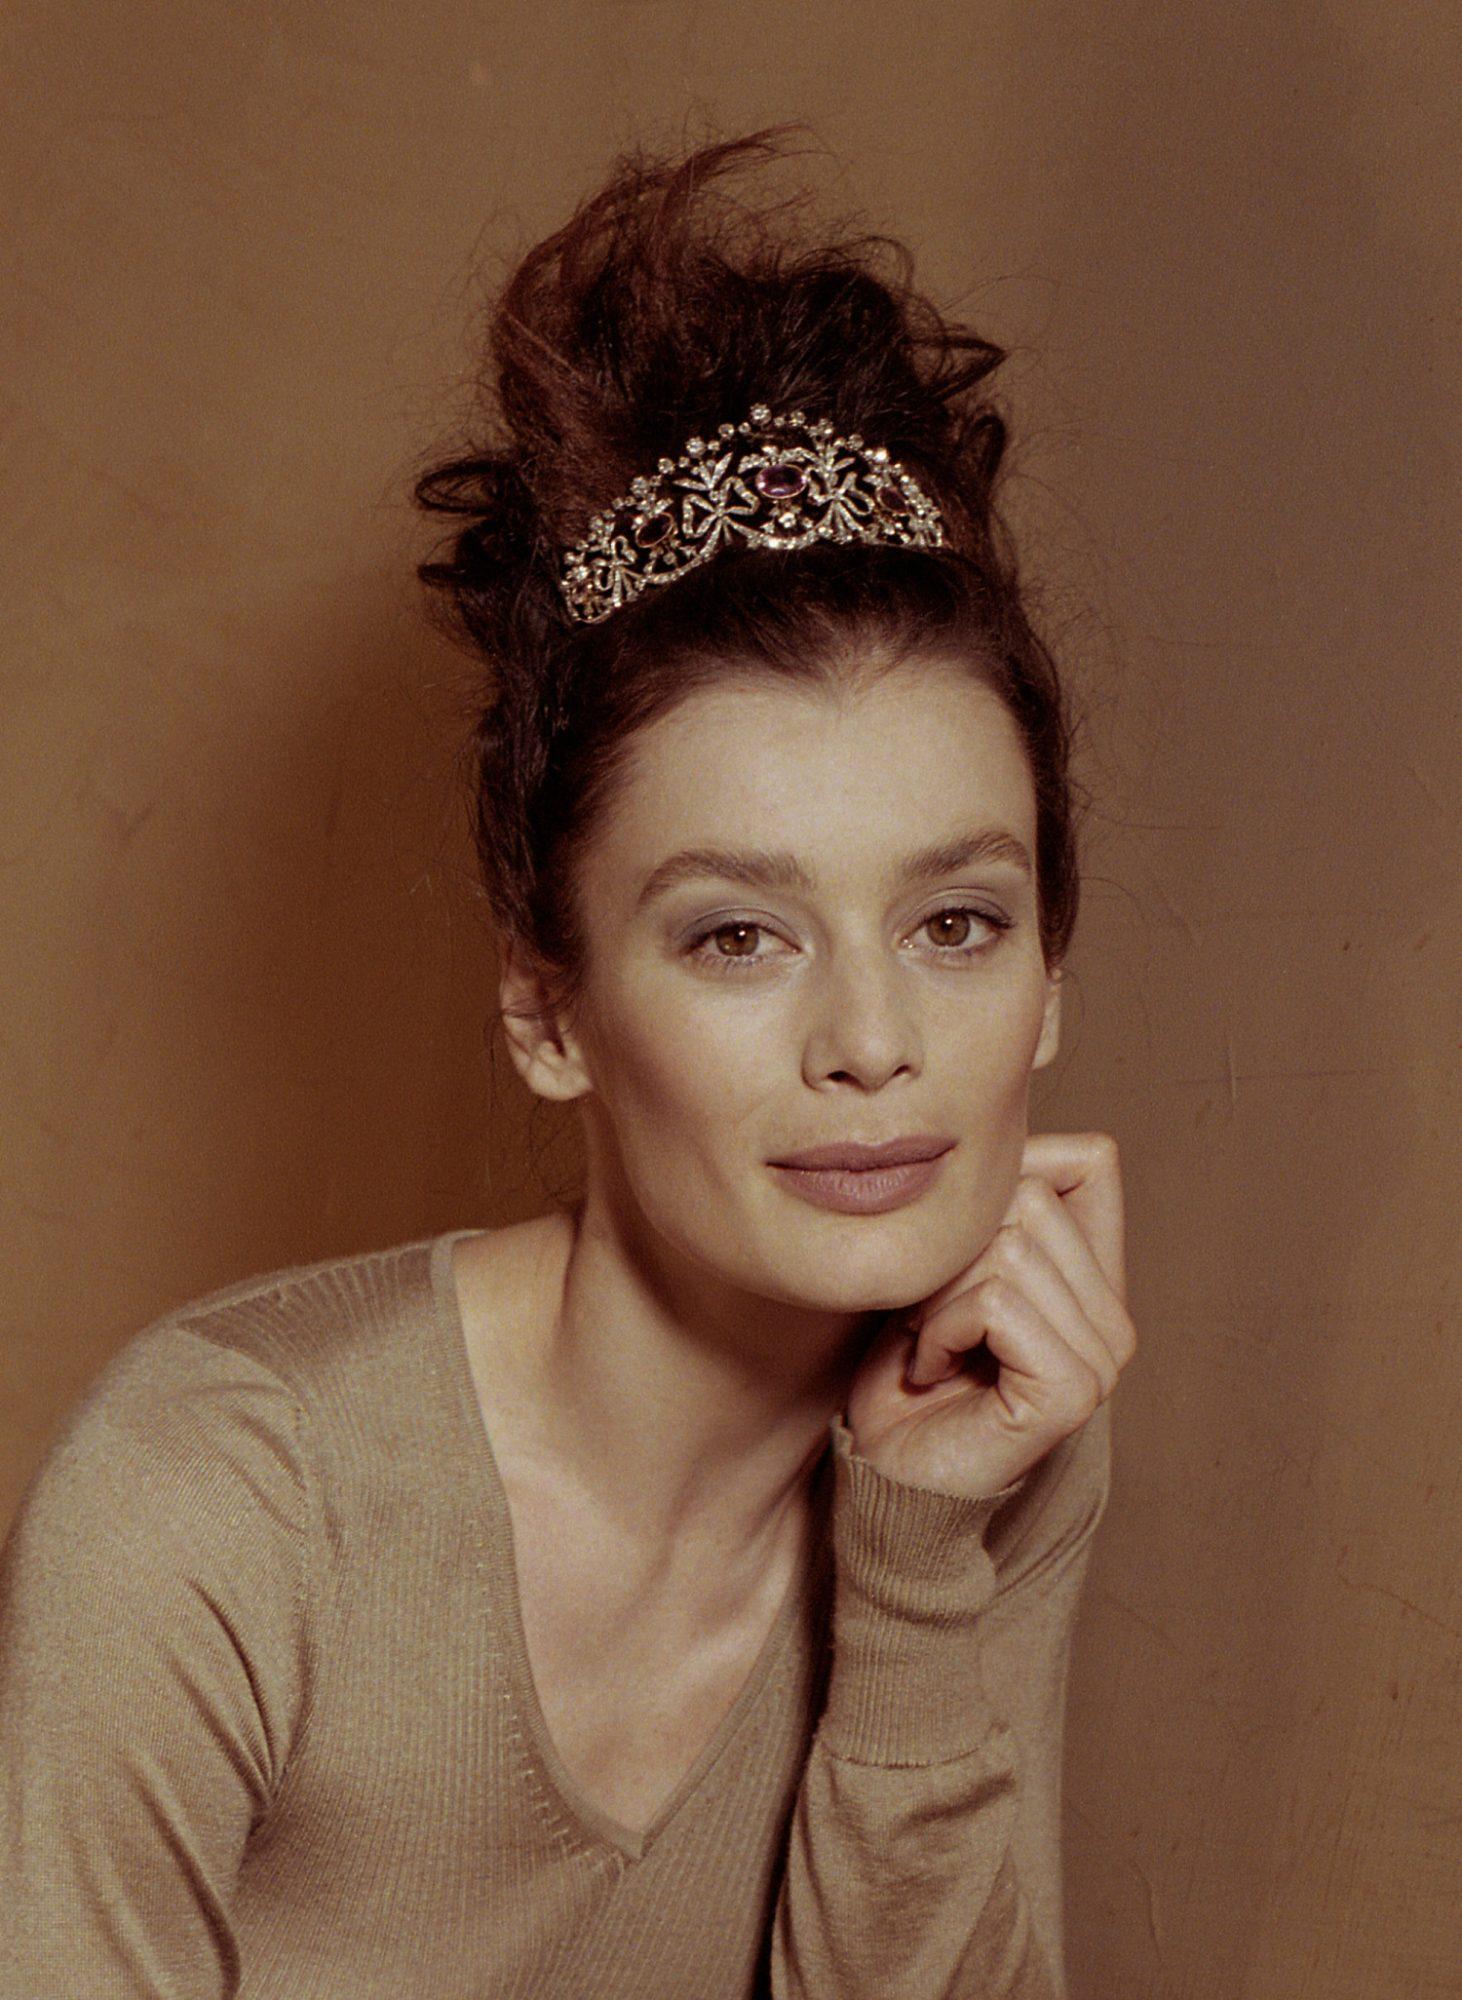 Aurélie Dupont en 5 dates